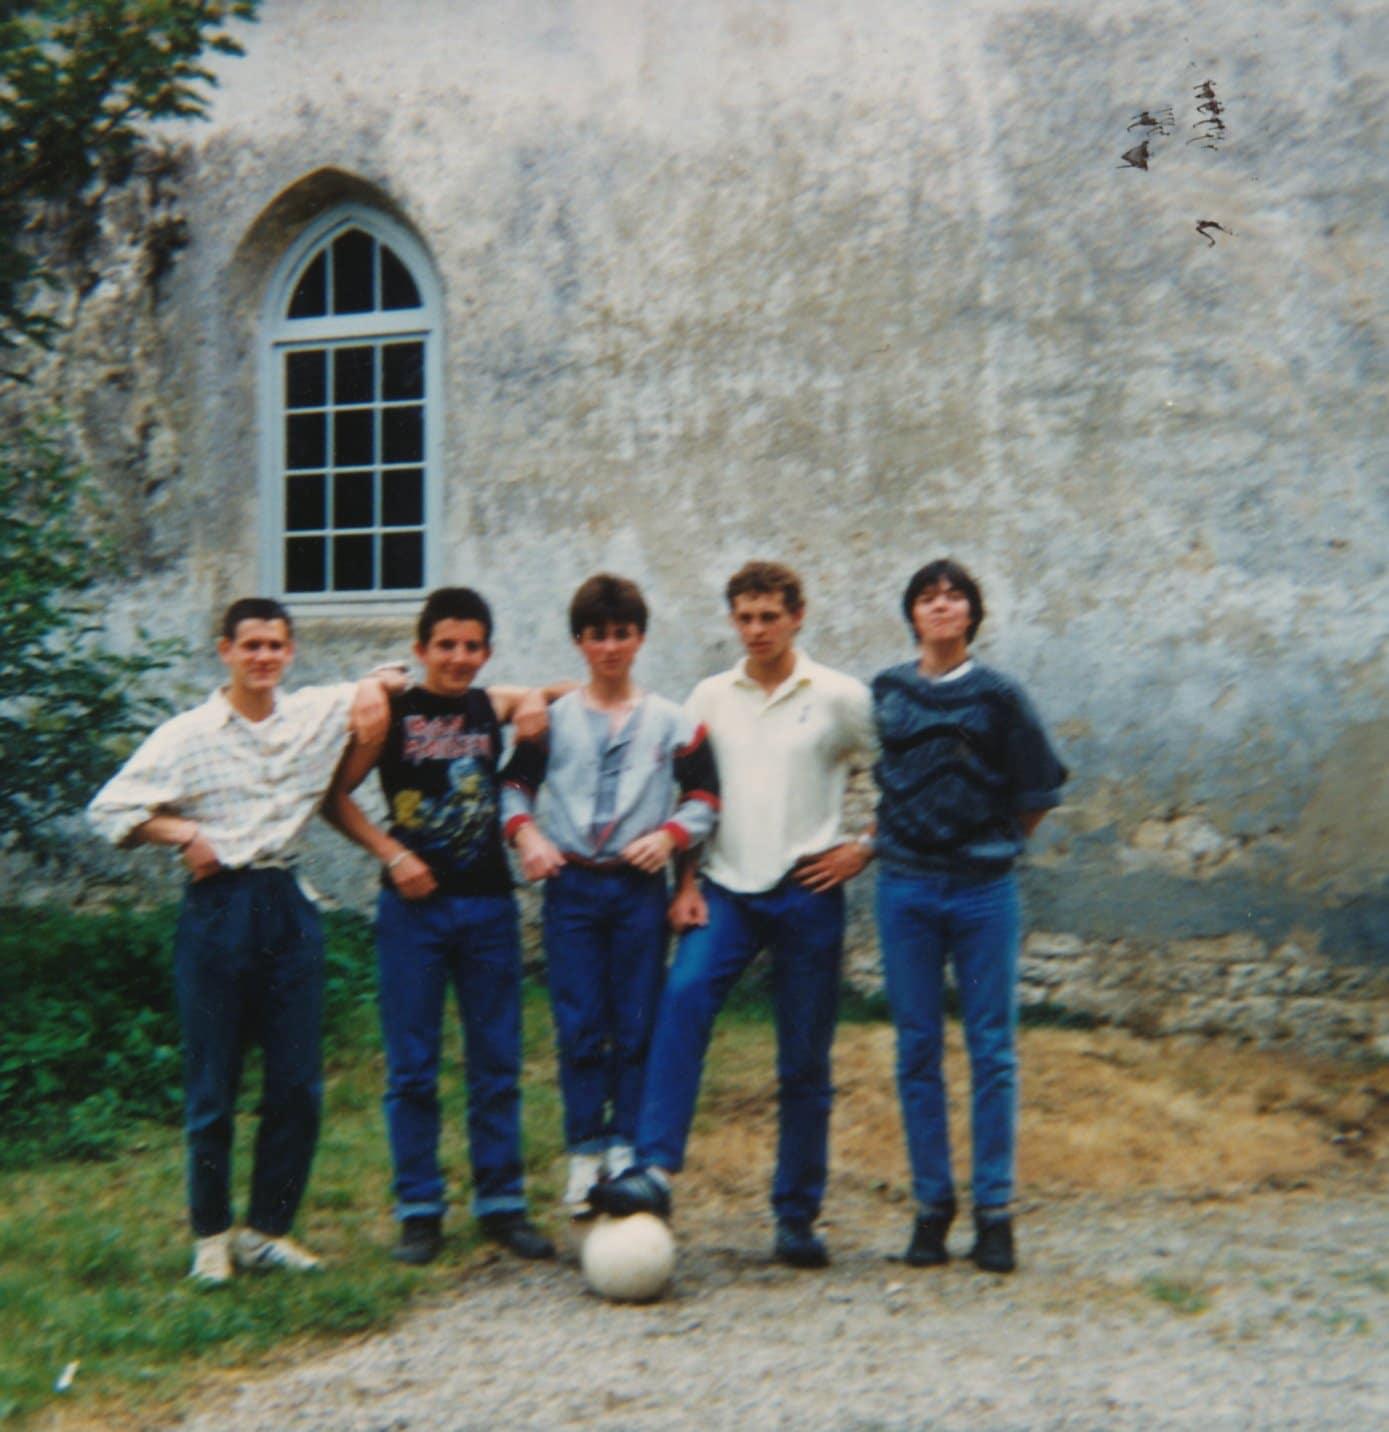 Archives anciens élèves mfr puy-sec 1984 3